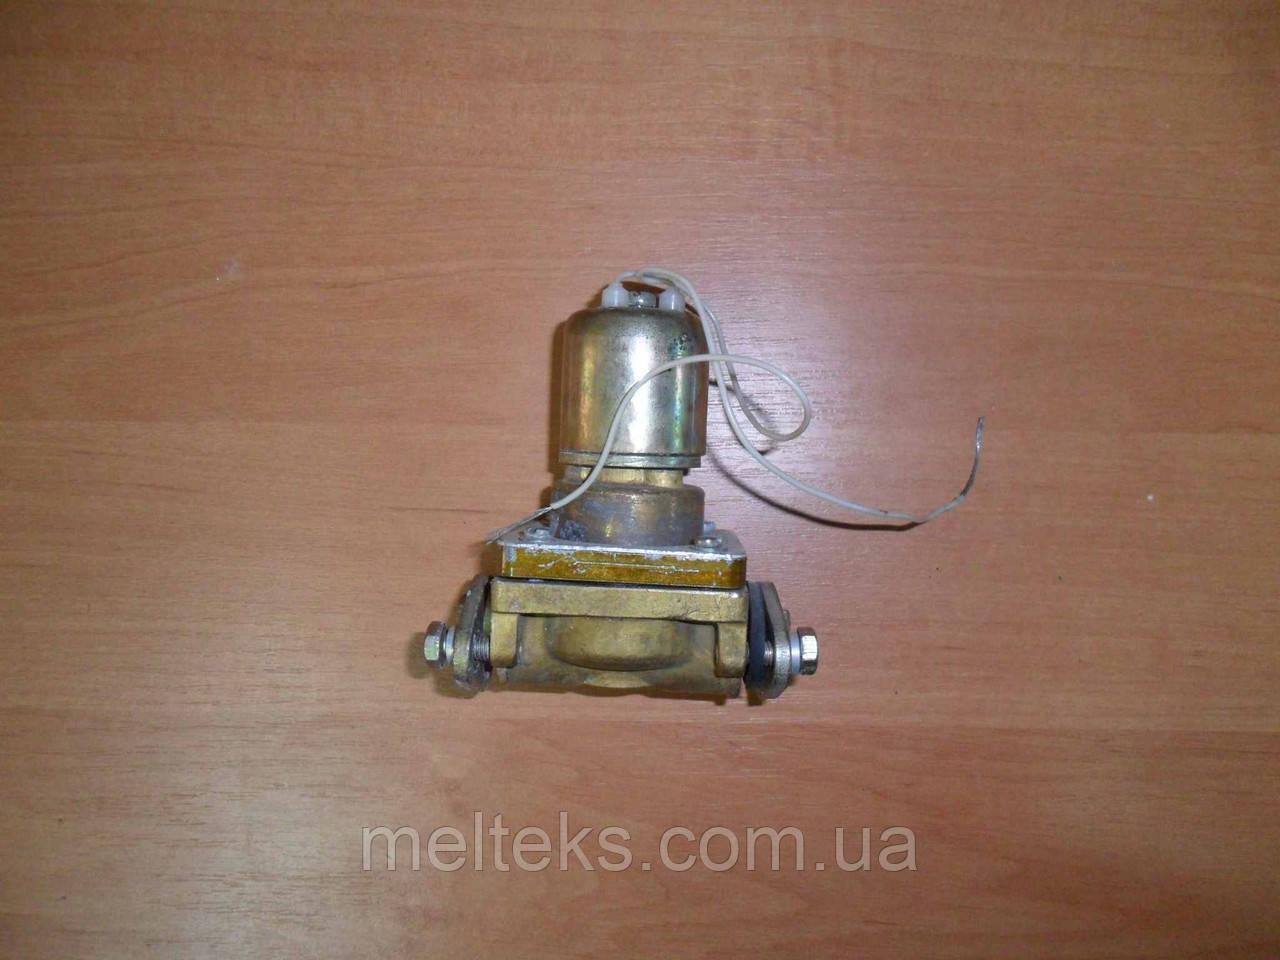 Клапан КСВ-15 КСВШ-15, катушки - 2020 г.в.